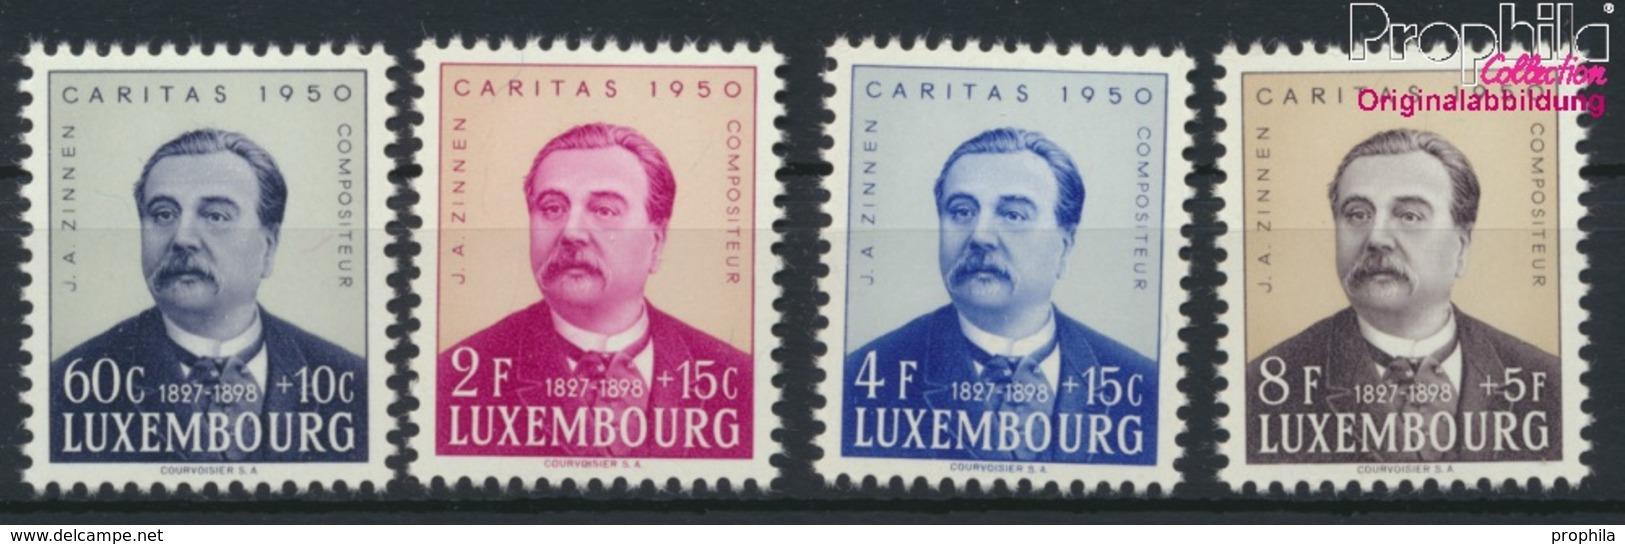 Luxemburg 474-477 (kompl.Ausg.) Postfrisch 1950 Caritas (9256432 - Ungebraucht